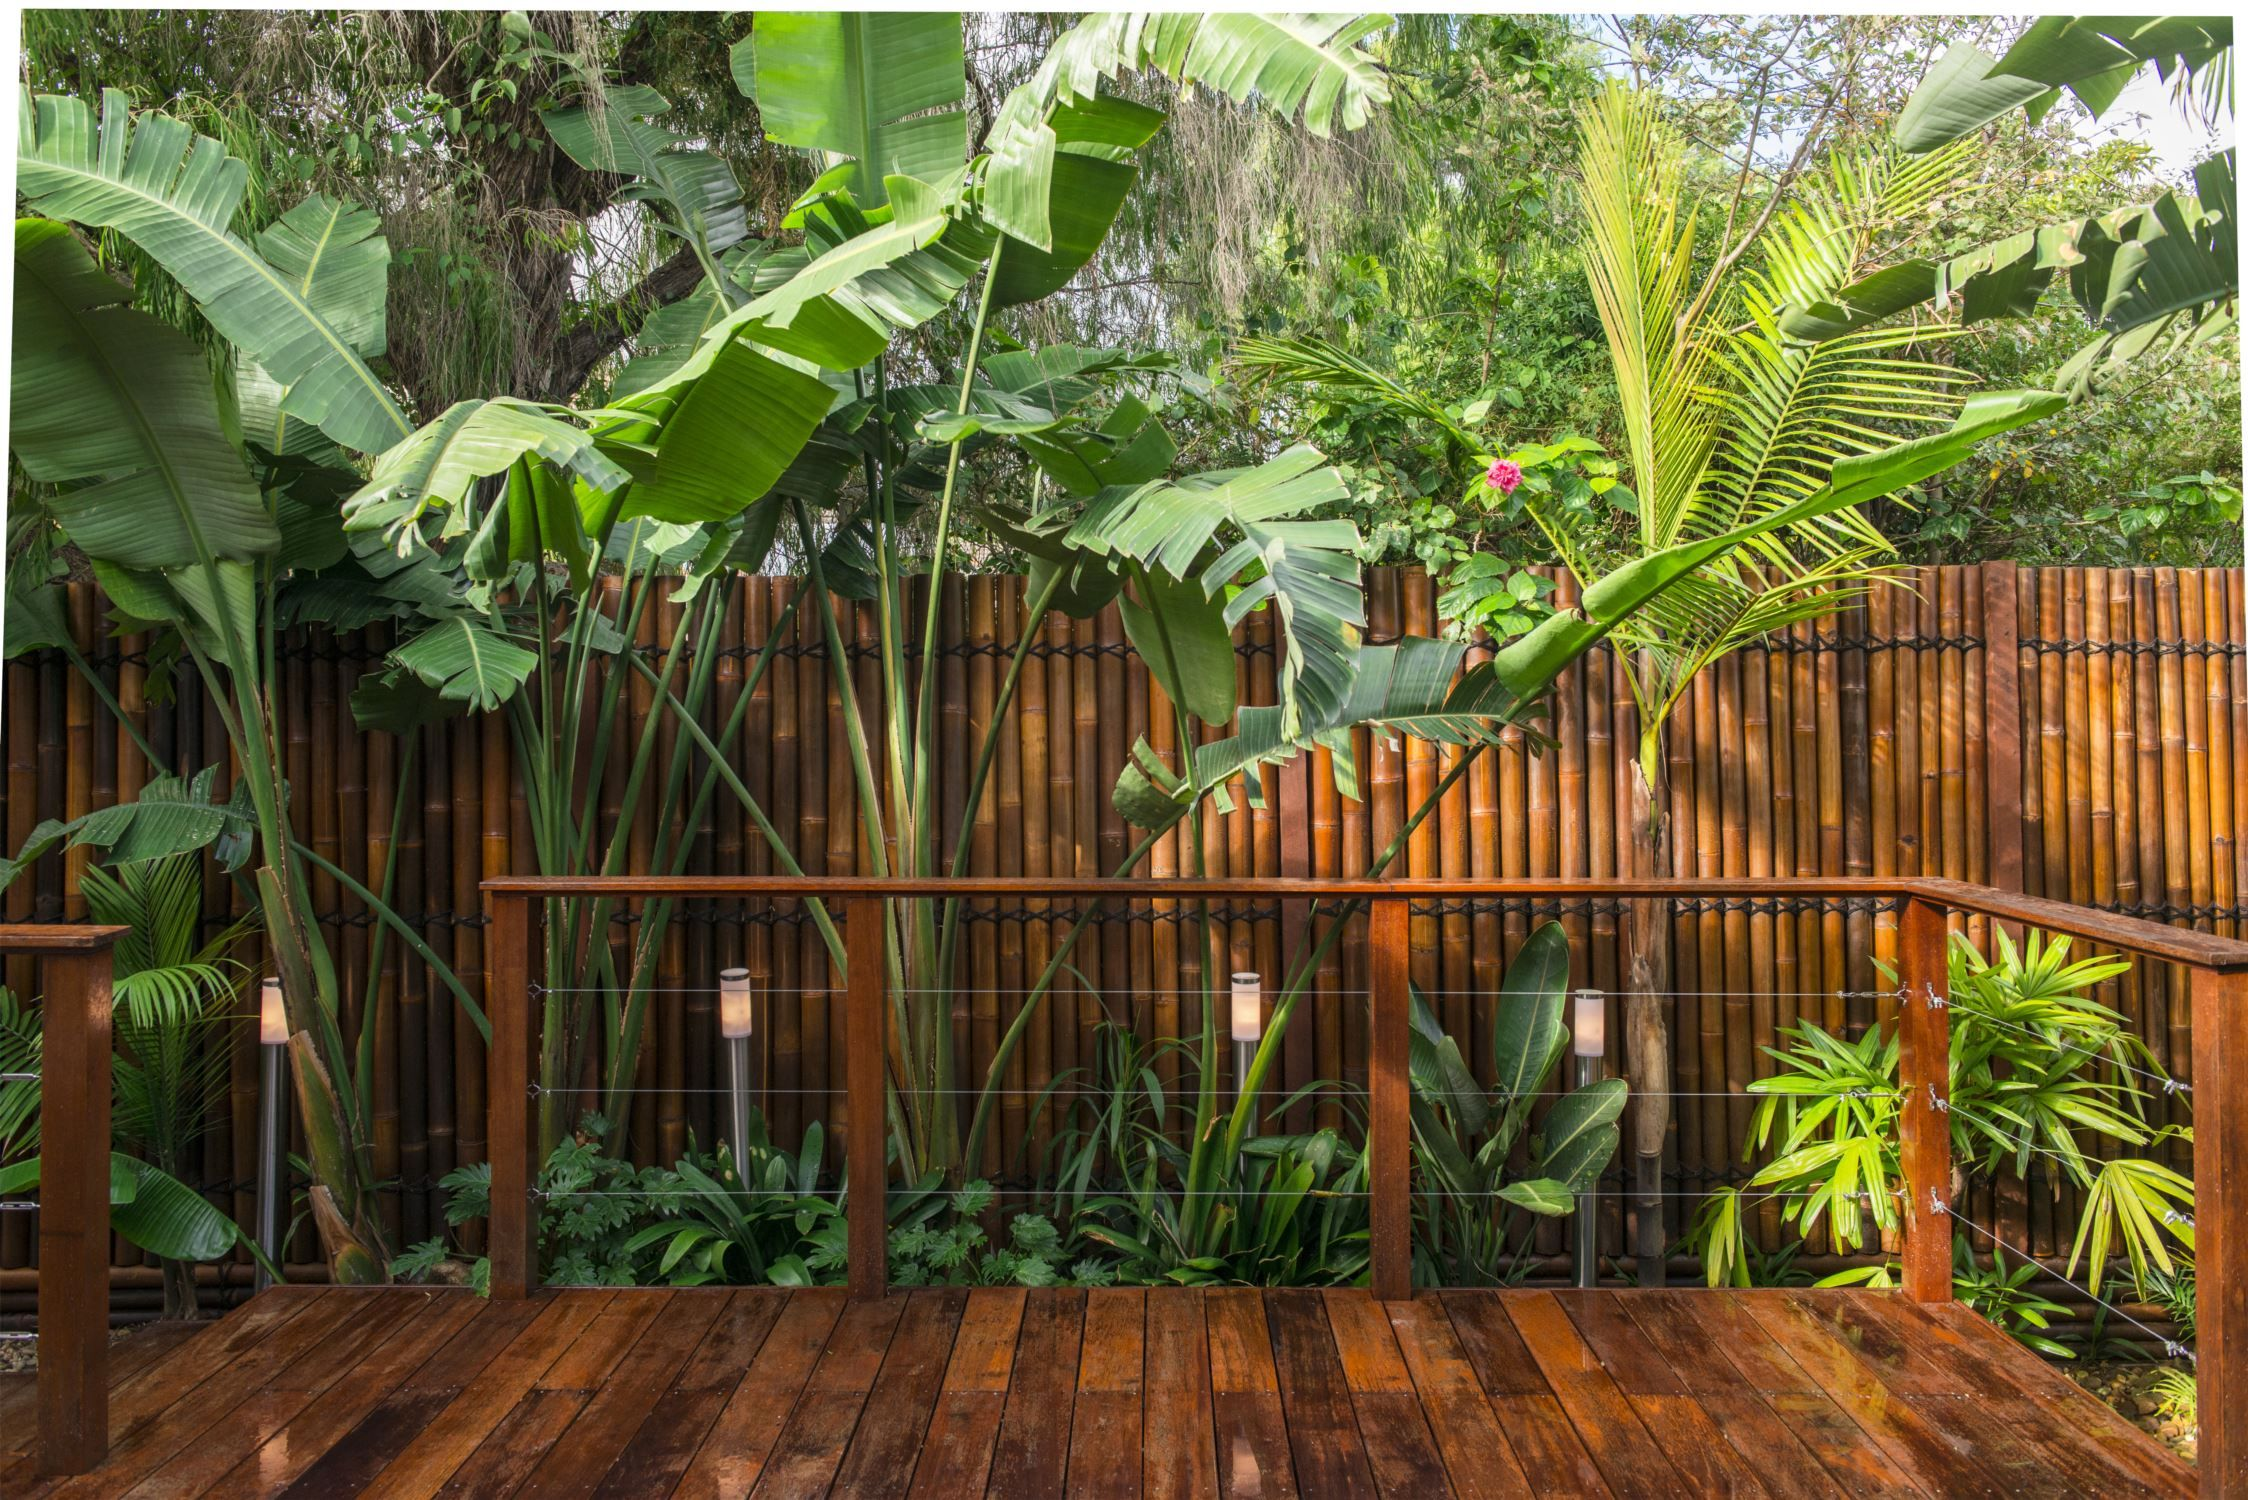 Balinese garden ideas garden outdoor water plants for 70 bamboo garden design ideas